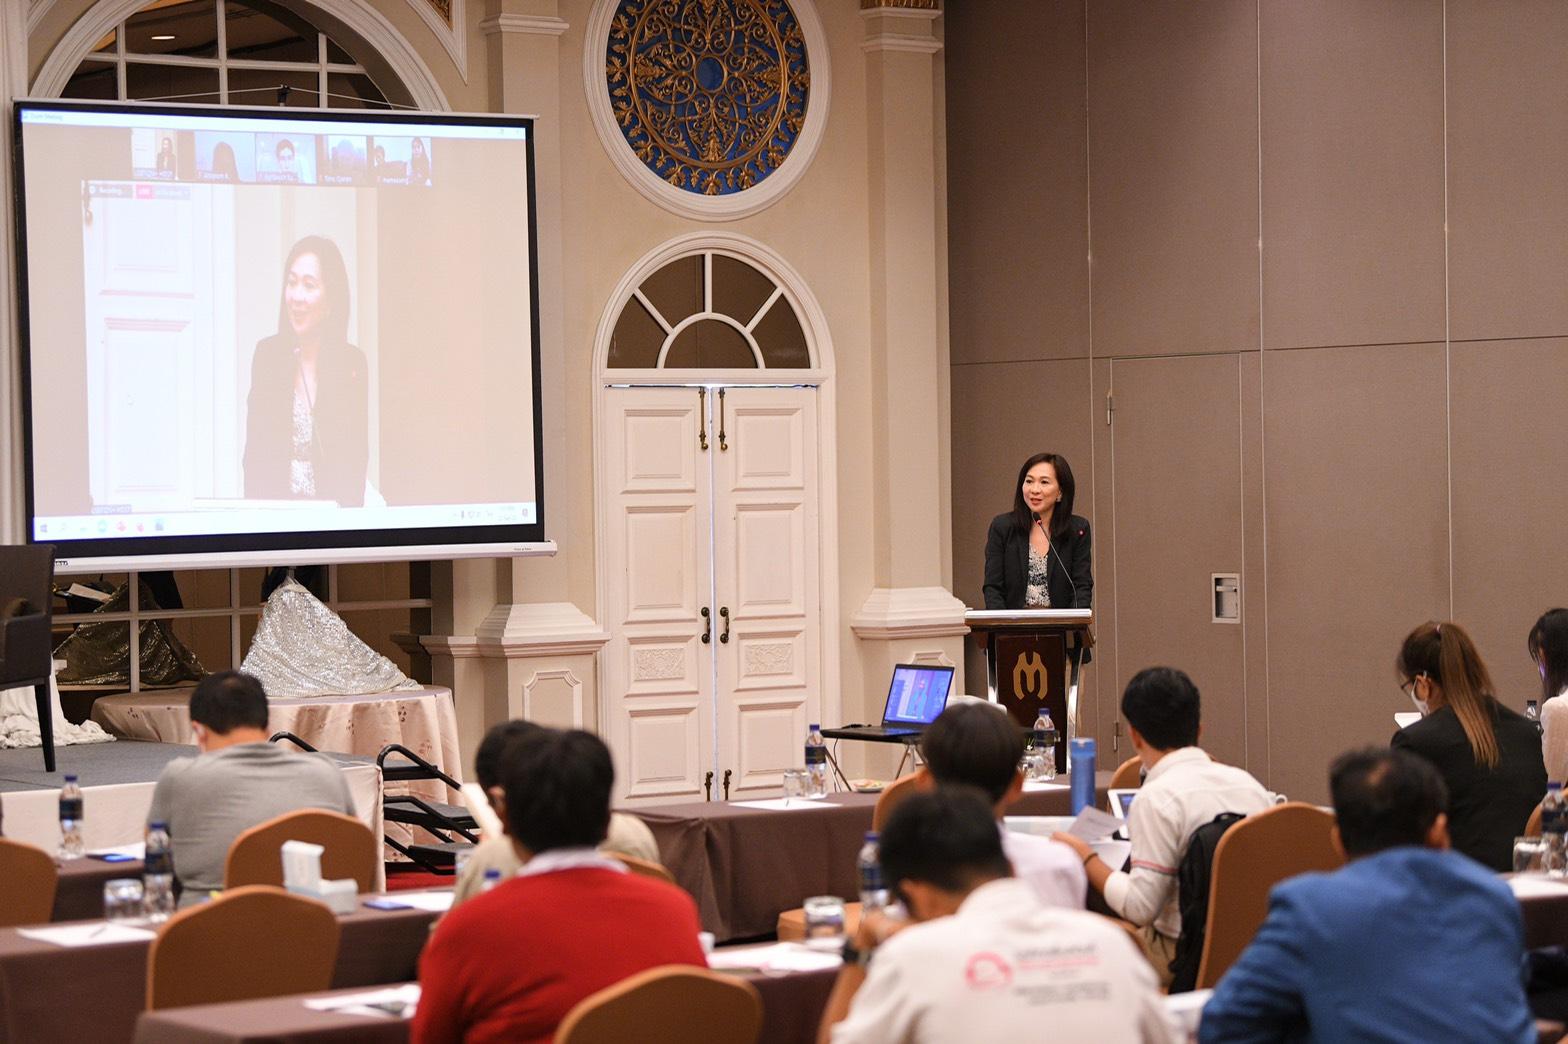 ขับเคลื่อนยุทธศาสตร์สุขภาวะกลุ่ม LGBTIQN+ thaihealth